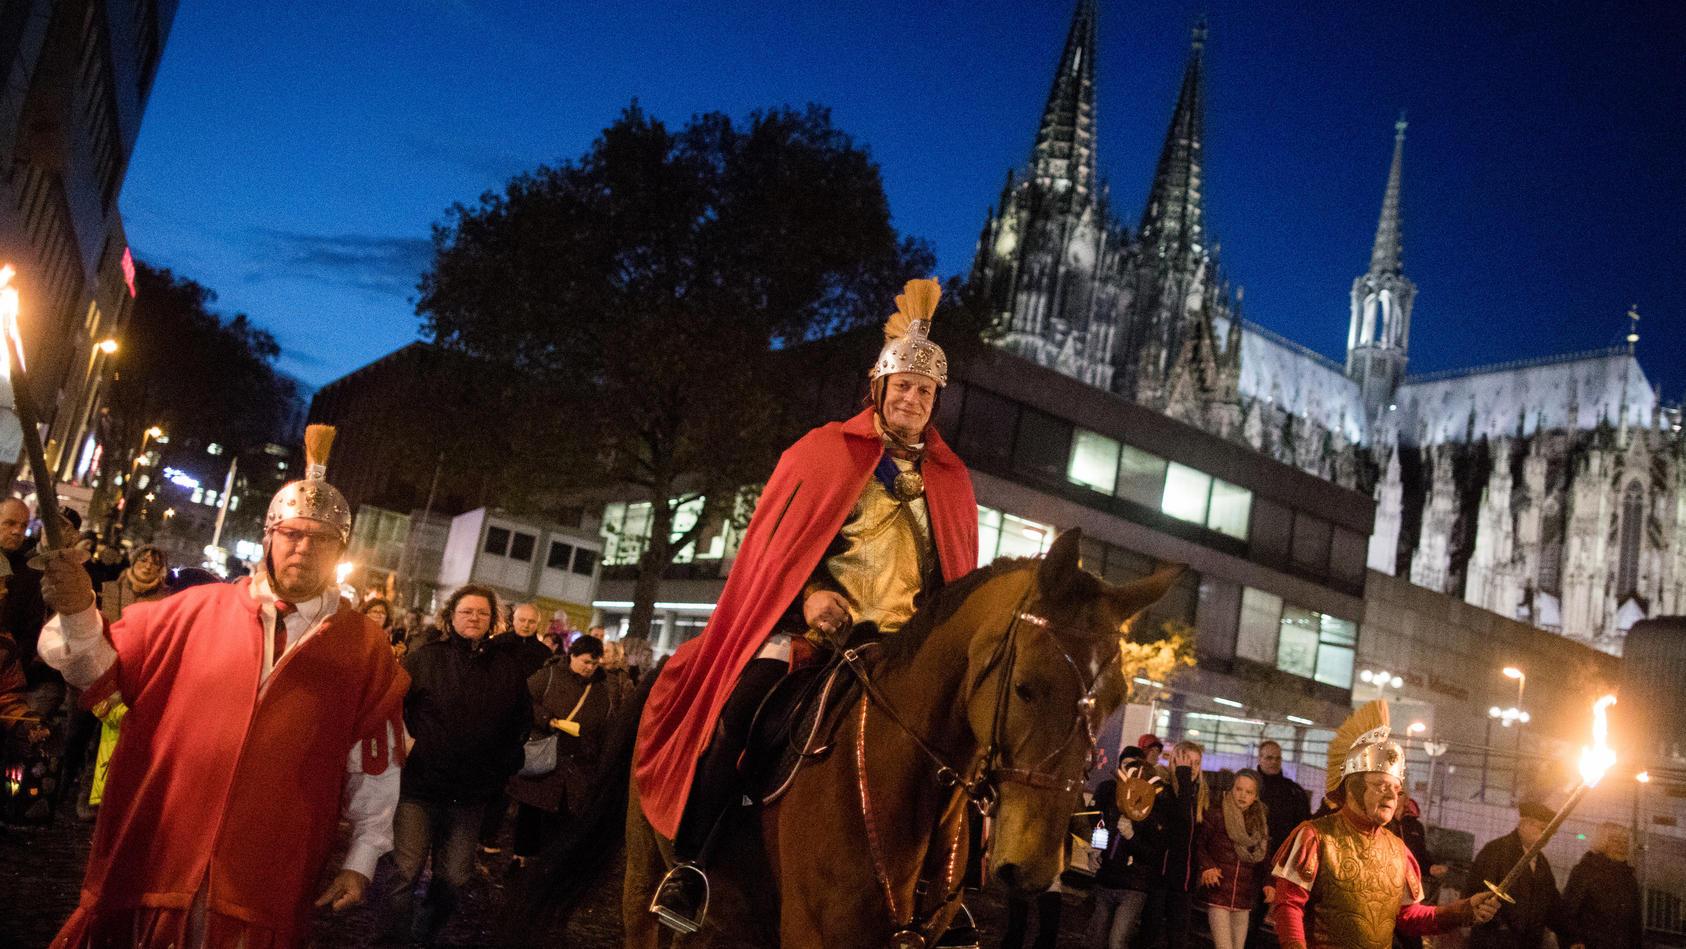 Sankt Martin vor Kölner Dom